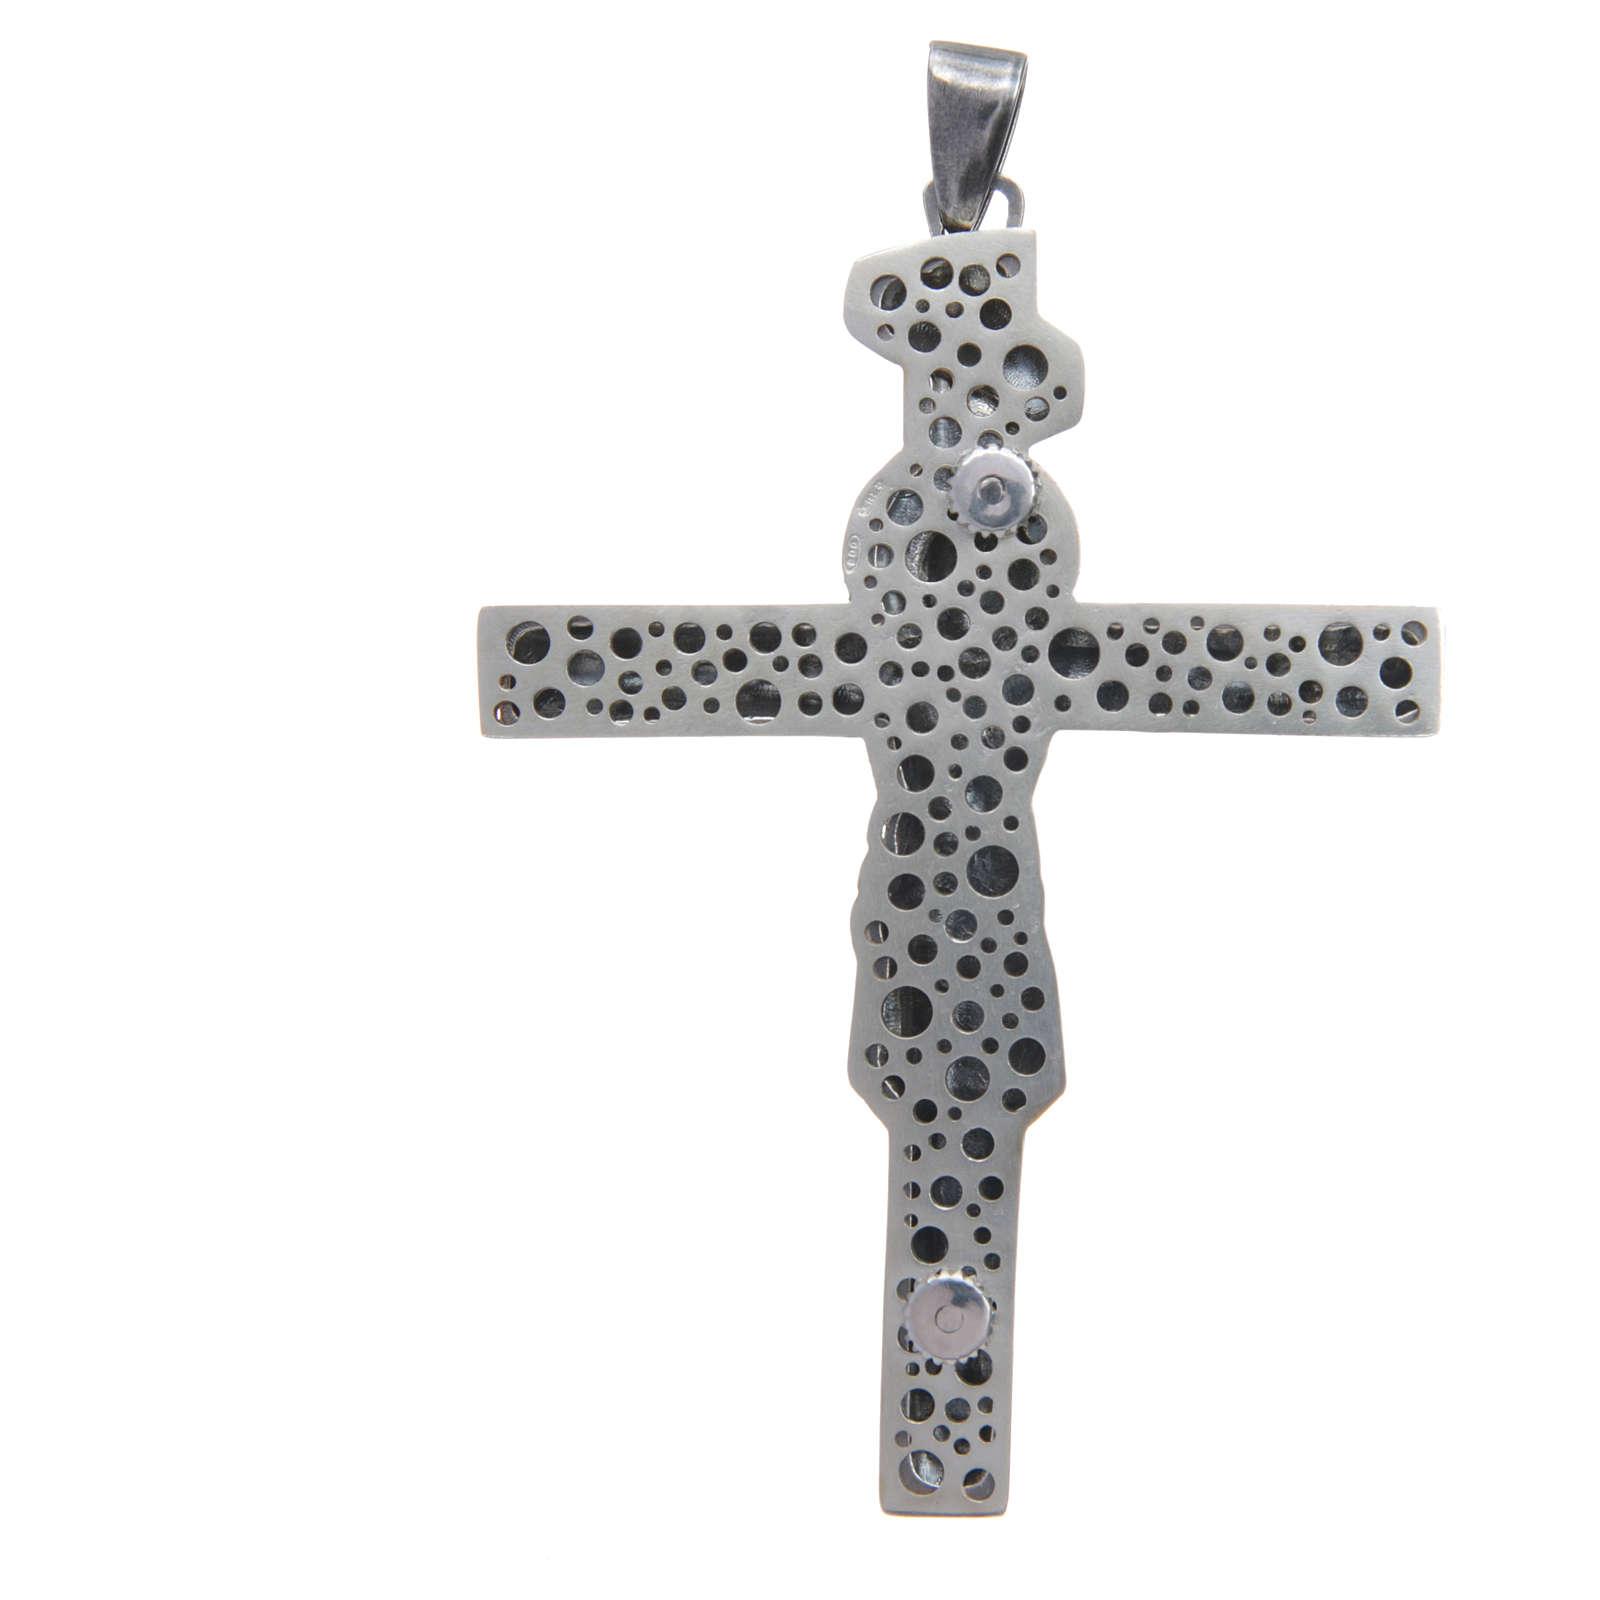 Croce pettorale crocifisso in argento 800 brunito 8,5x6,5 cm 3